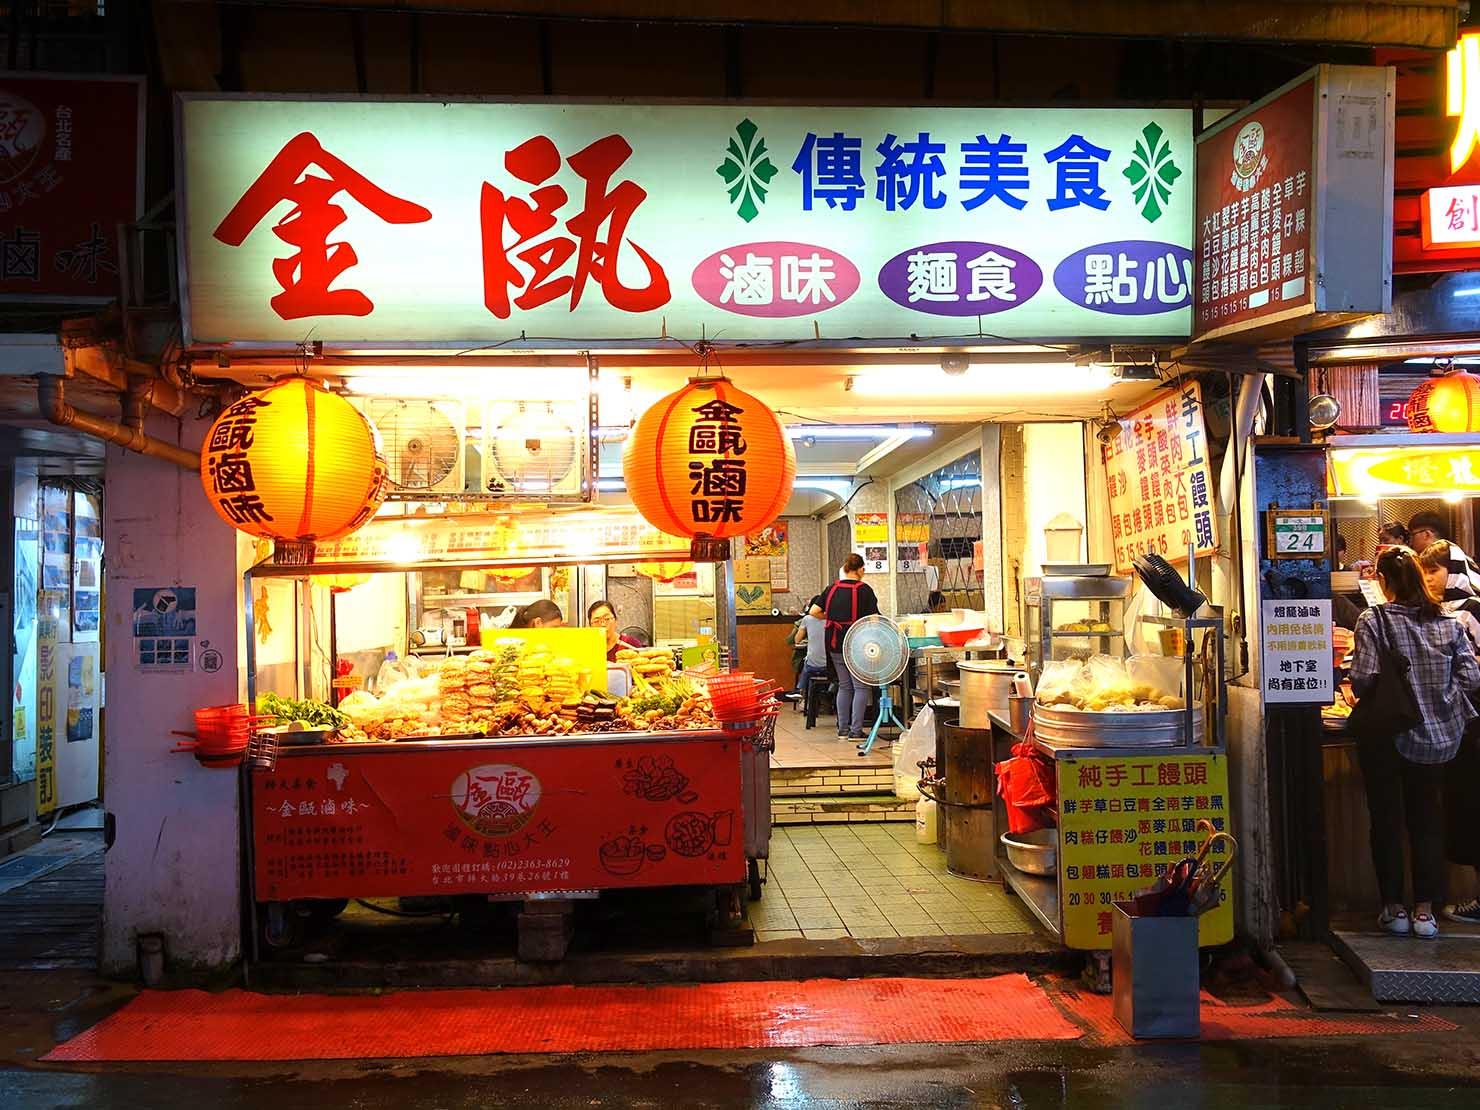 台北・師大夜市のおすすめ台湾グルメ店「金甌滷味」の外観